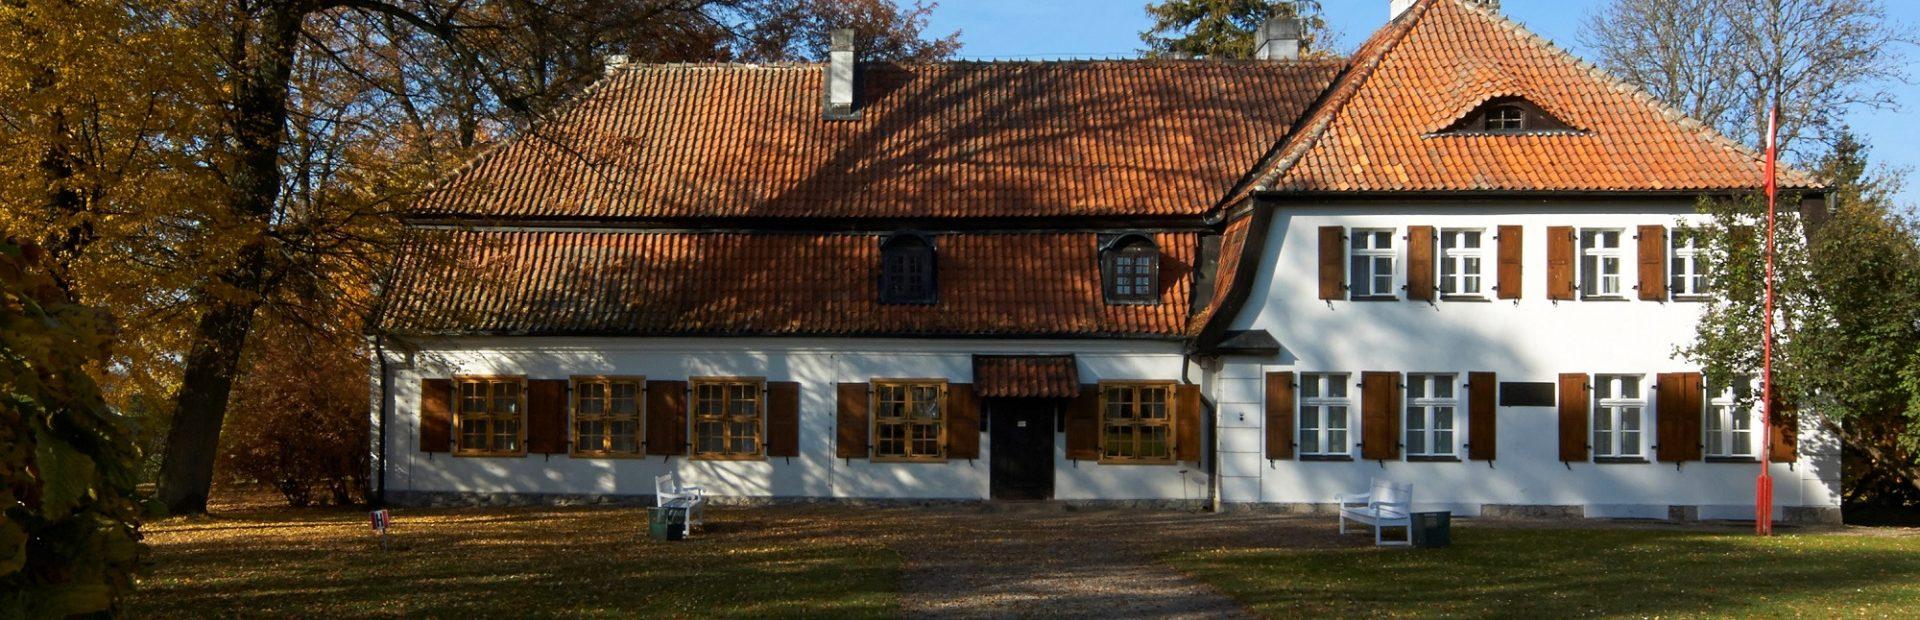 Muzeum Hymnu Narodowego w Będominie – oddział MNG